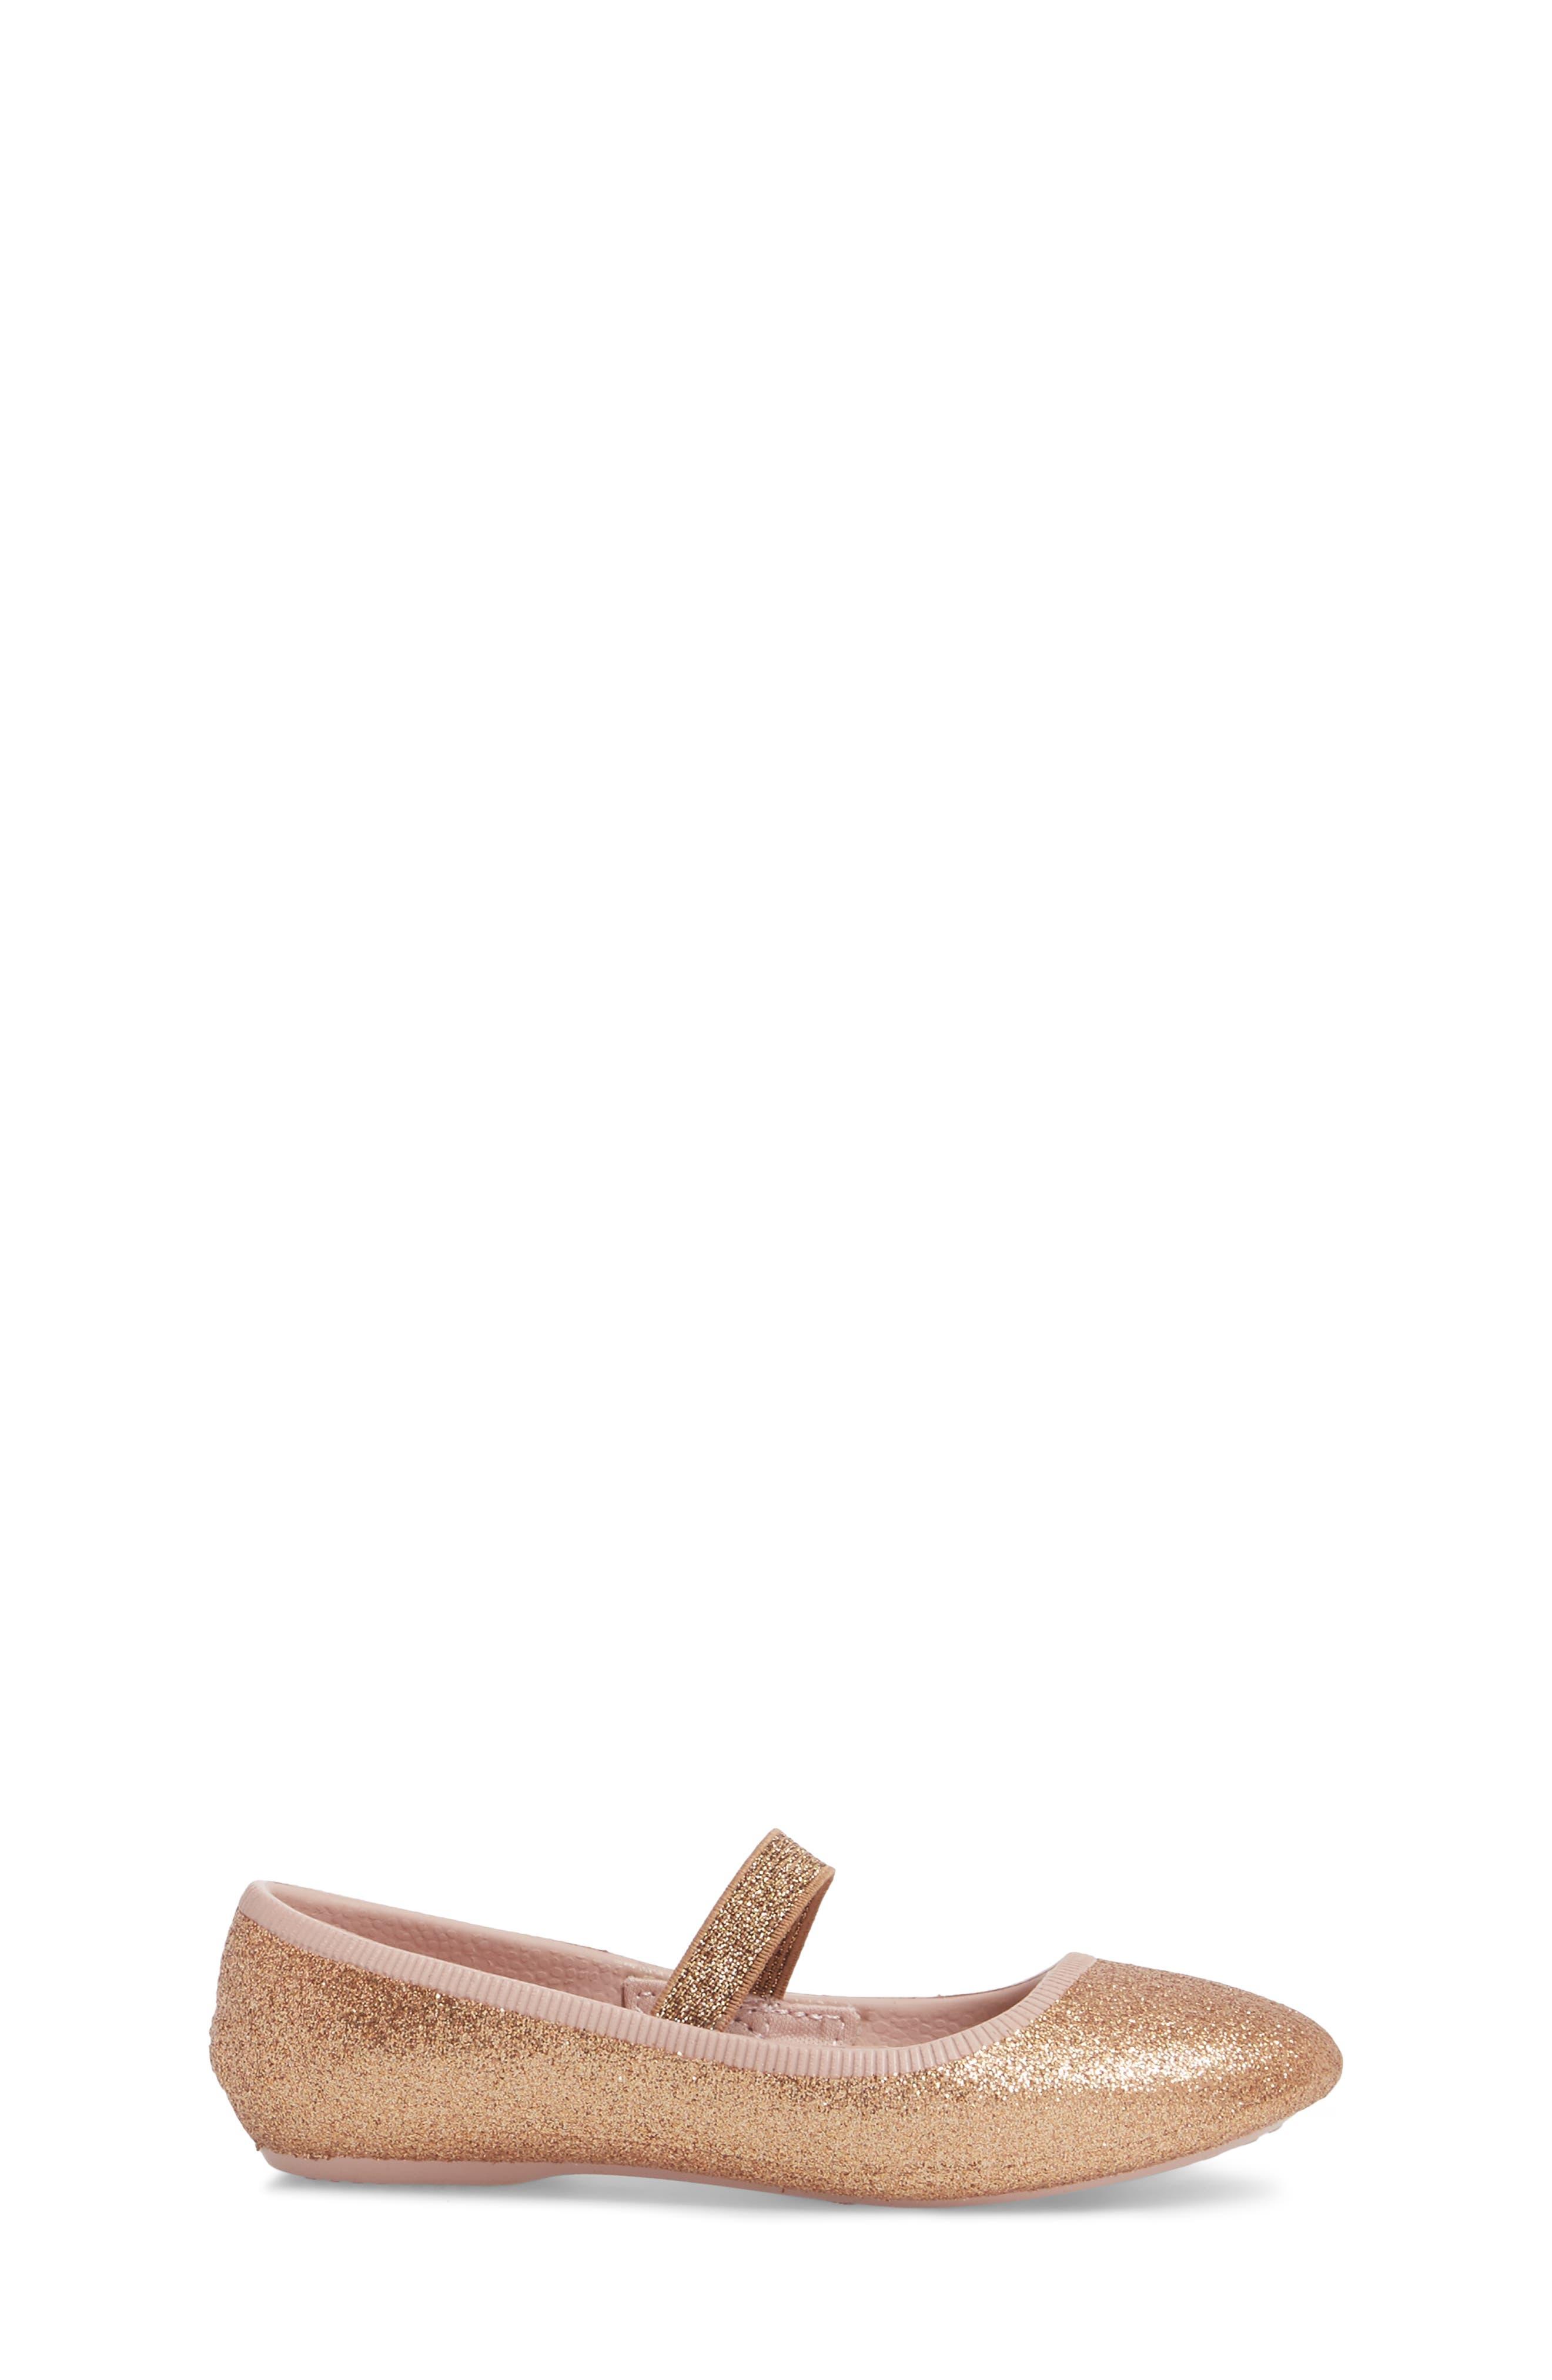 Alternate Image 3  - Native Shoes Margot Bling Glitter Mary Jane (Baby, Walker, Toddler & Little Kid)